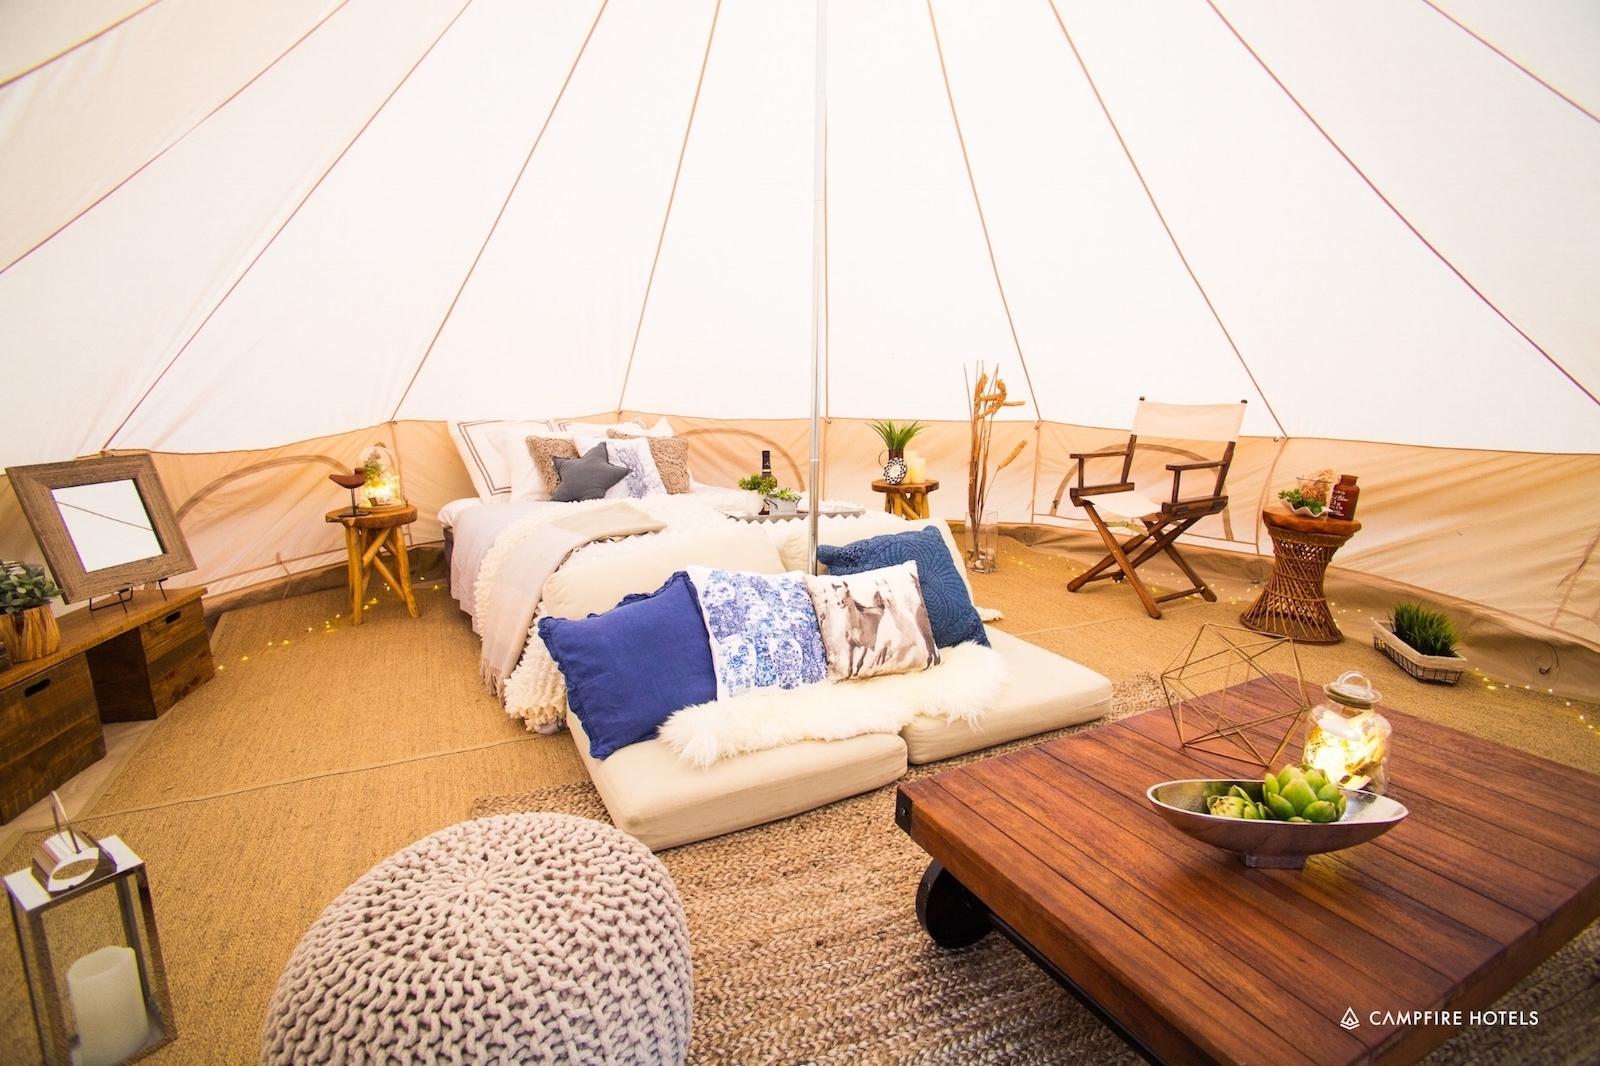 01 - グランピングテント シグネチャーセットCampfire Hotelsのシグネチャーグランピングセット。宿泊できるタイプです。ご好評いただいているデザイン性の高い空間をお楽しみください。